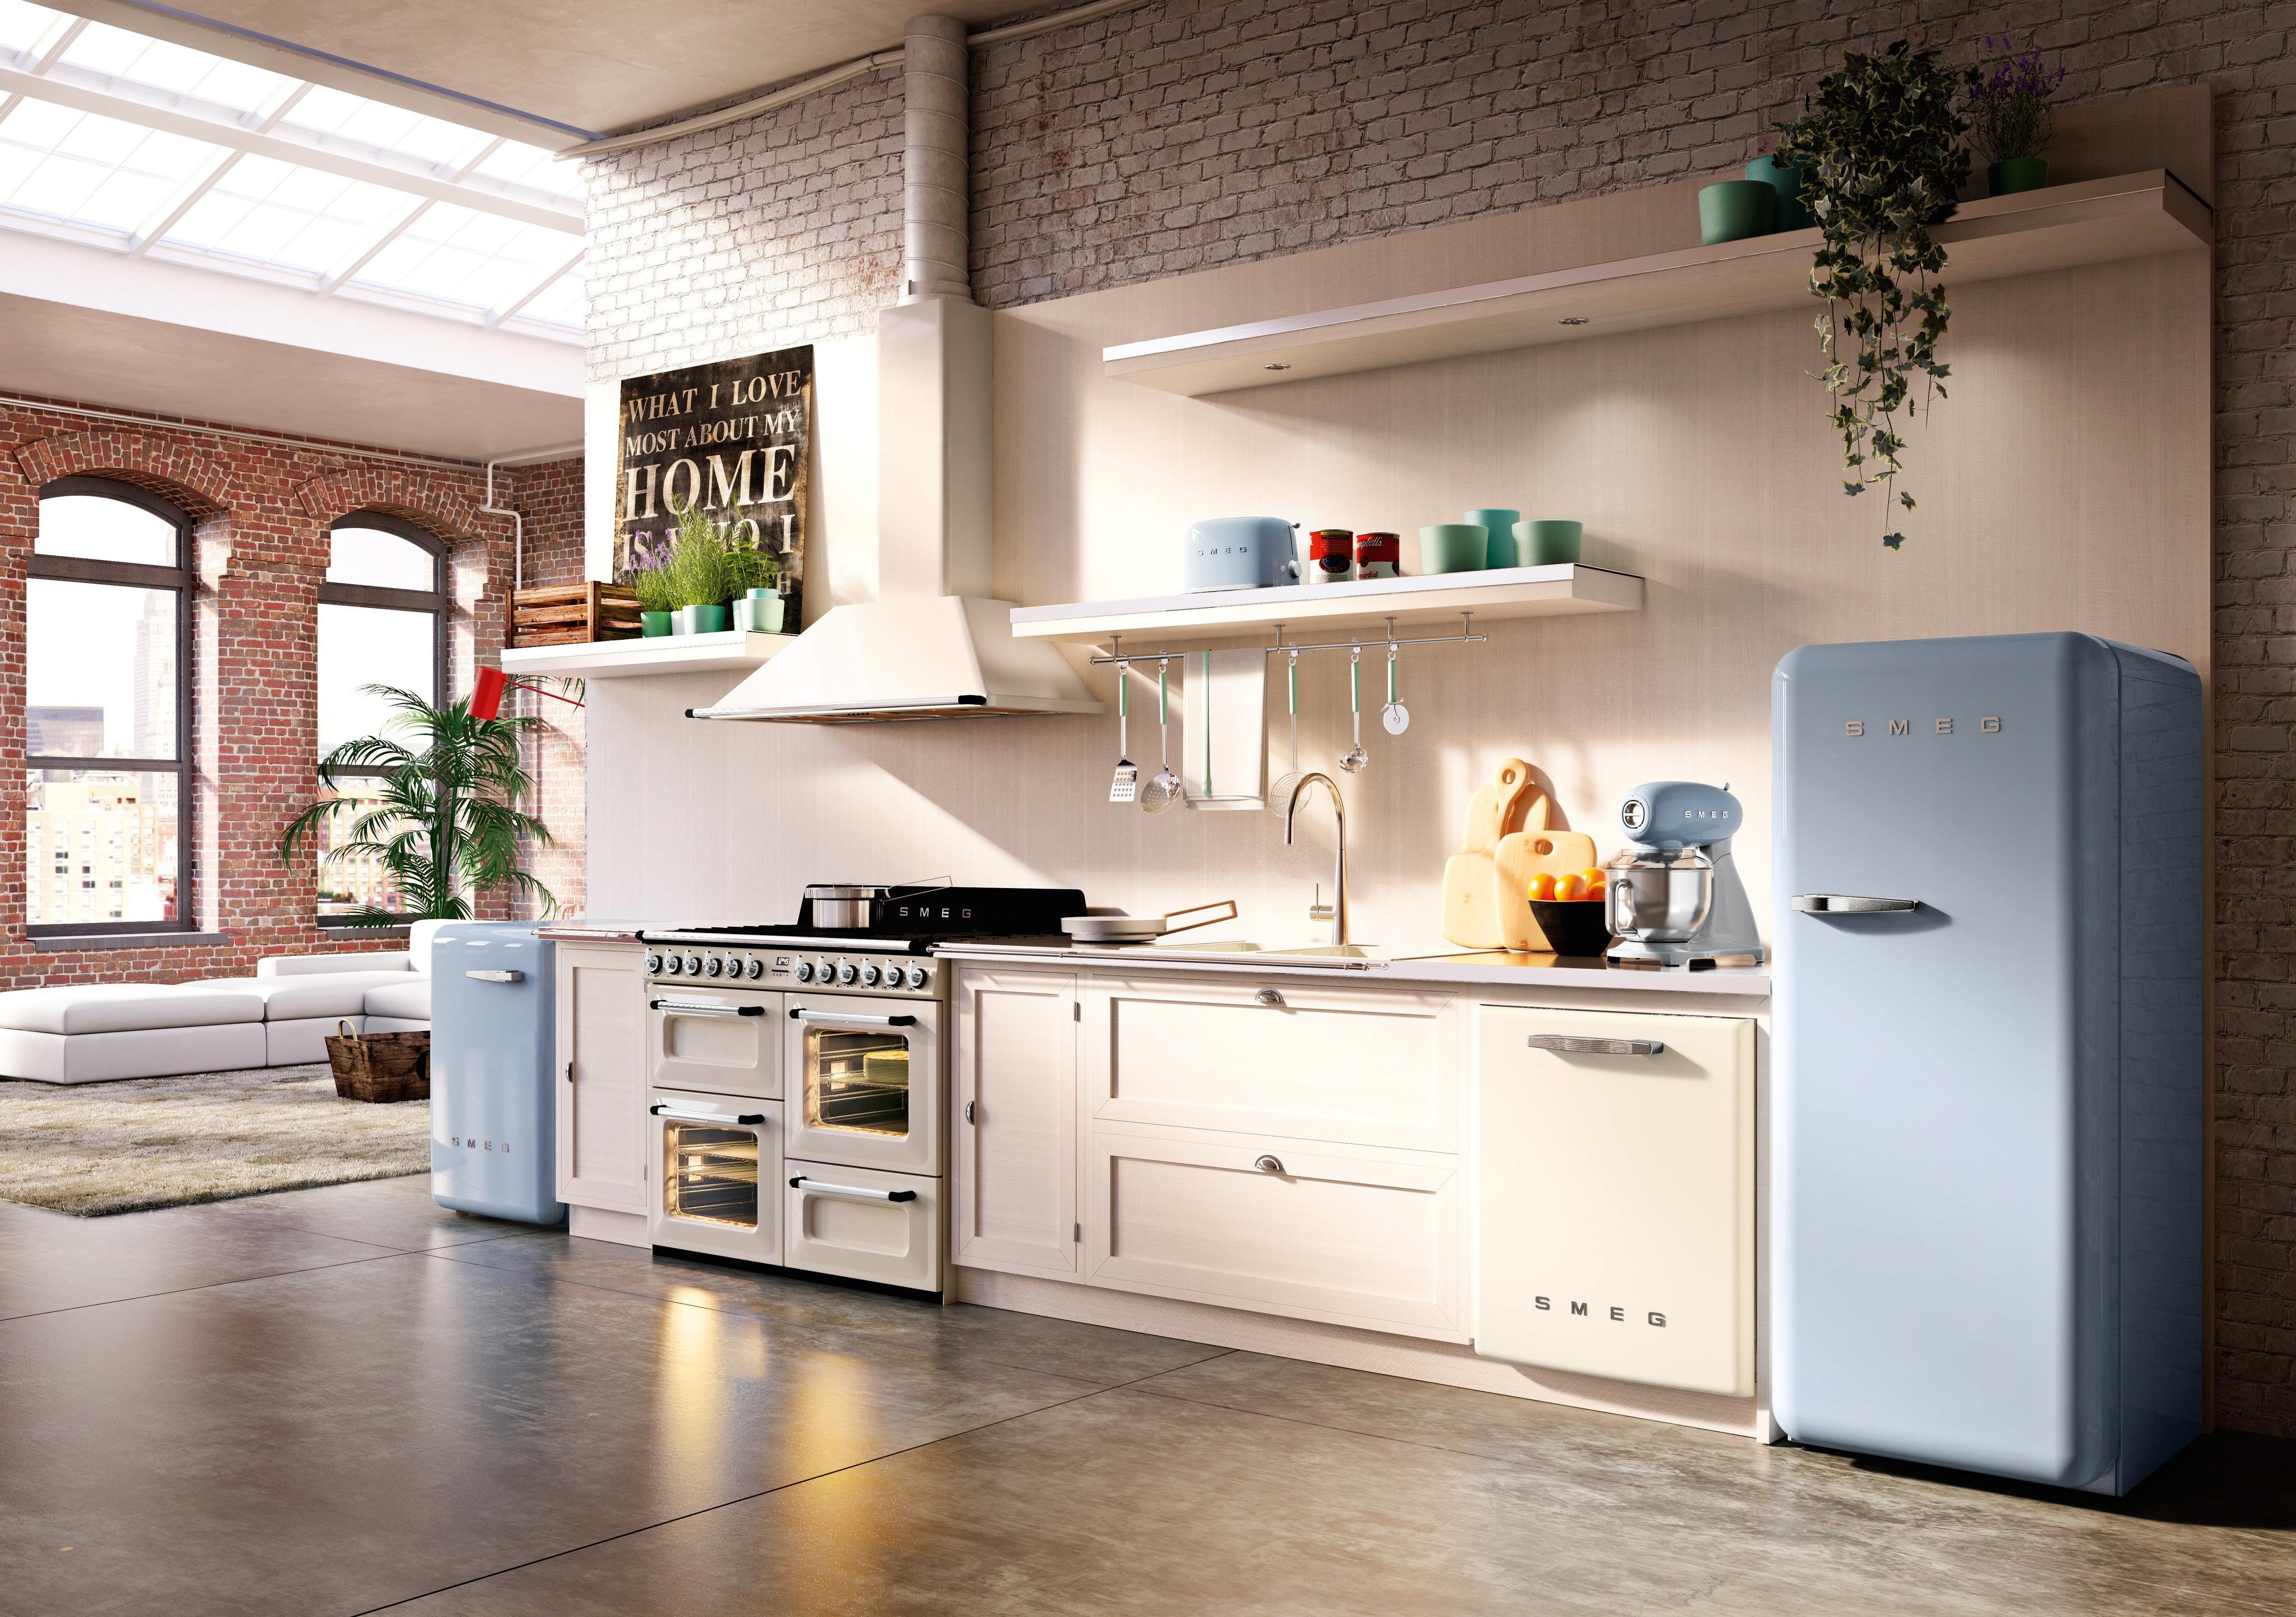 Vintage Kühlschrank Klein : Retro kühlschrank u2022 bilder & ideen u2022 couch